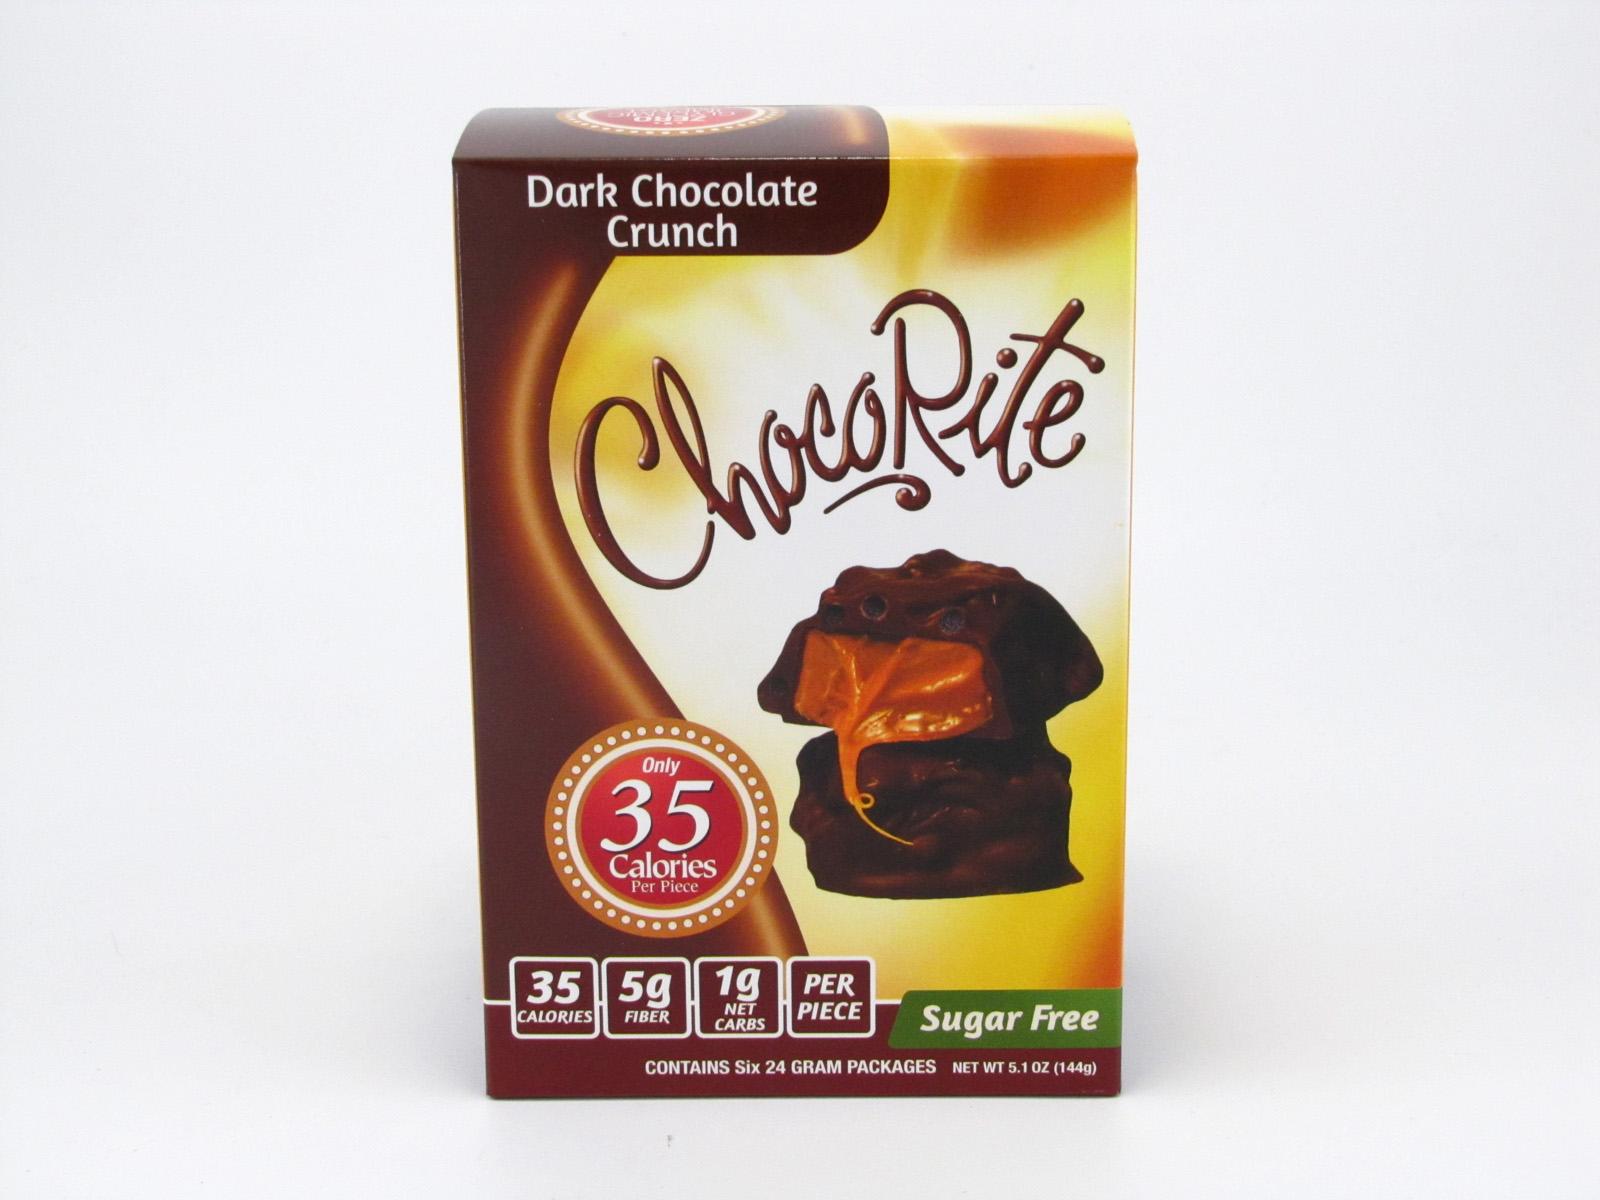 Healthsmart Chocorite Bar (Value pack ) - Dark Chocolate Crunch - front view